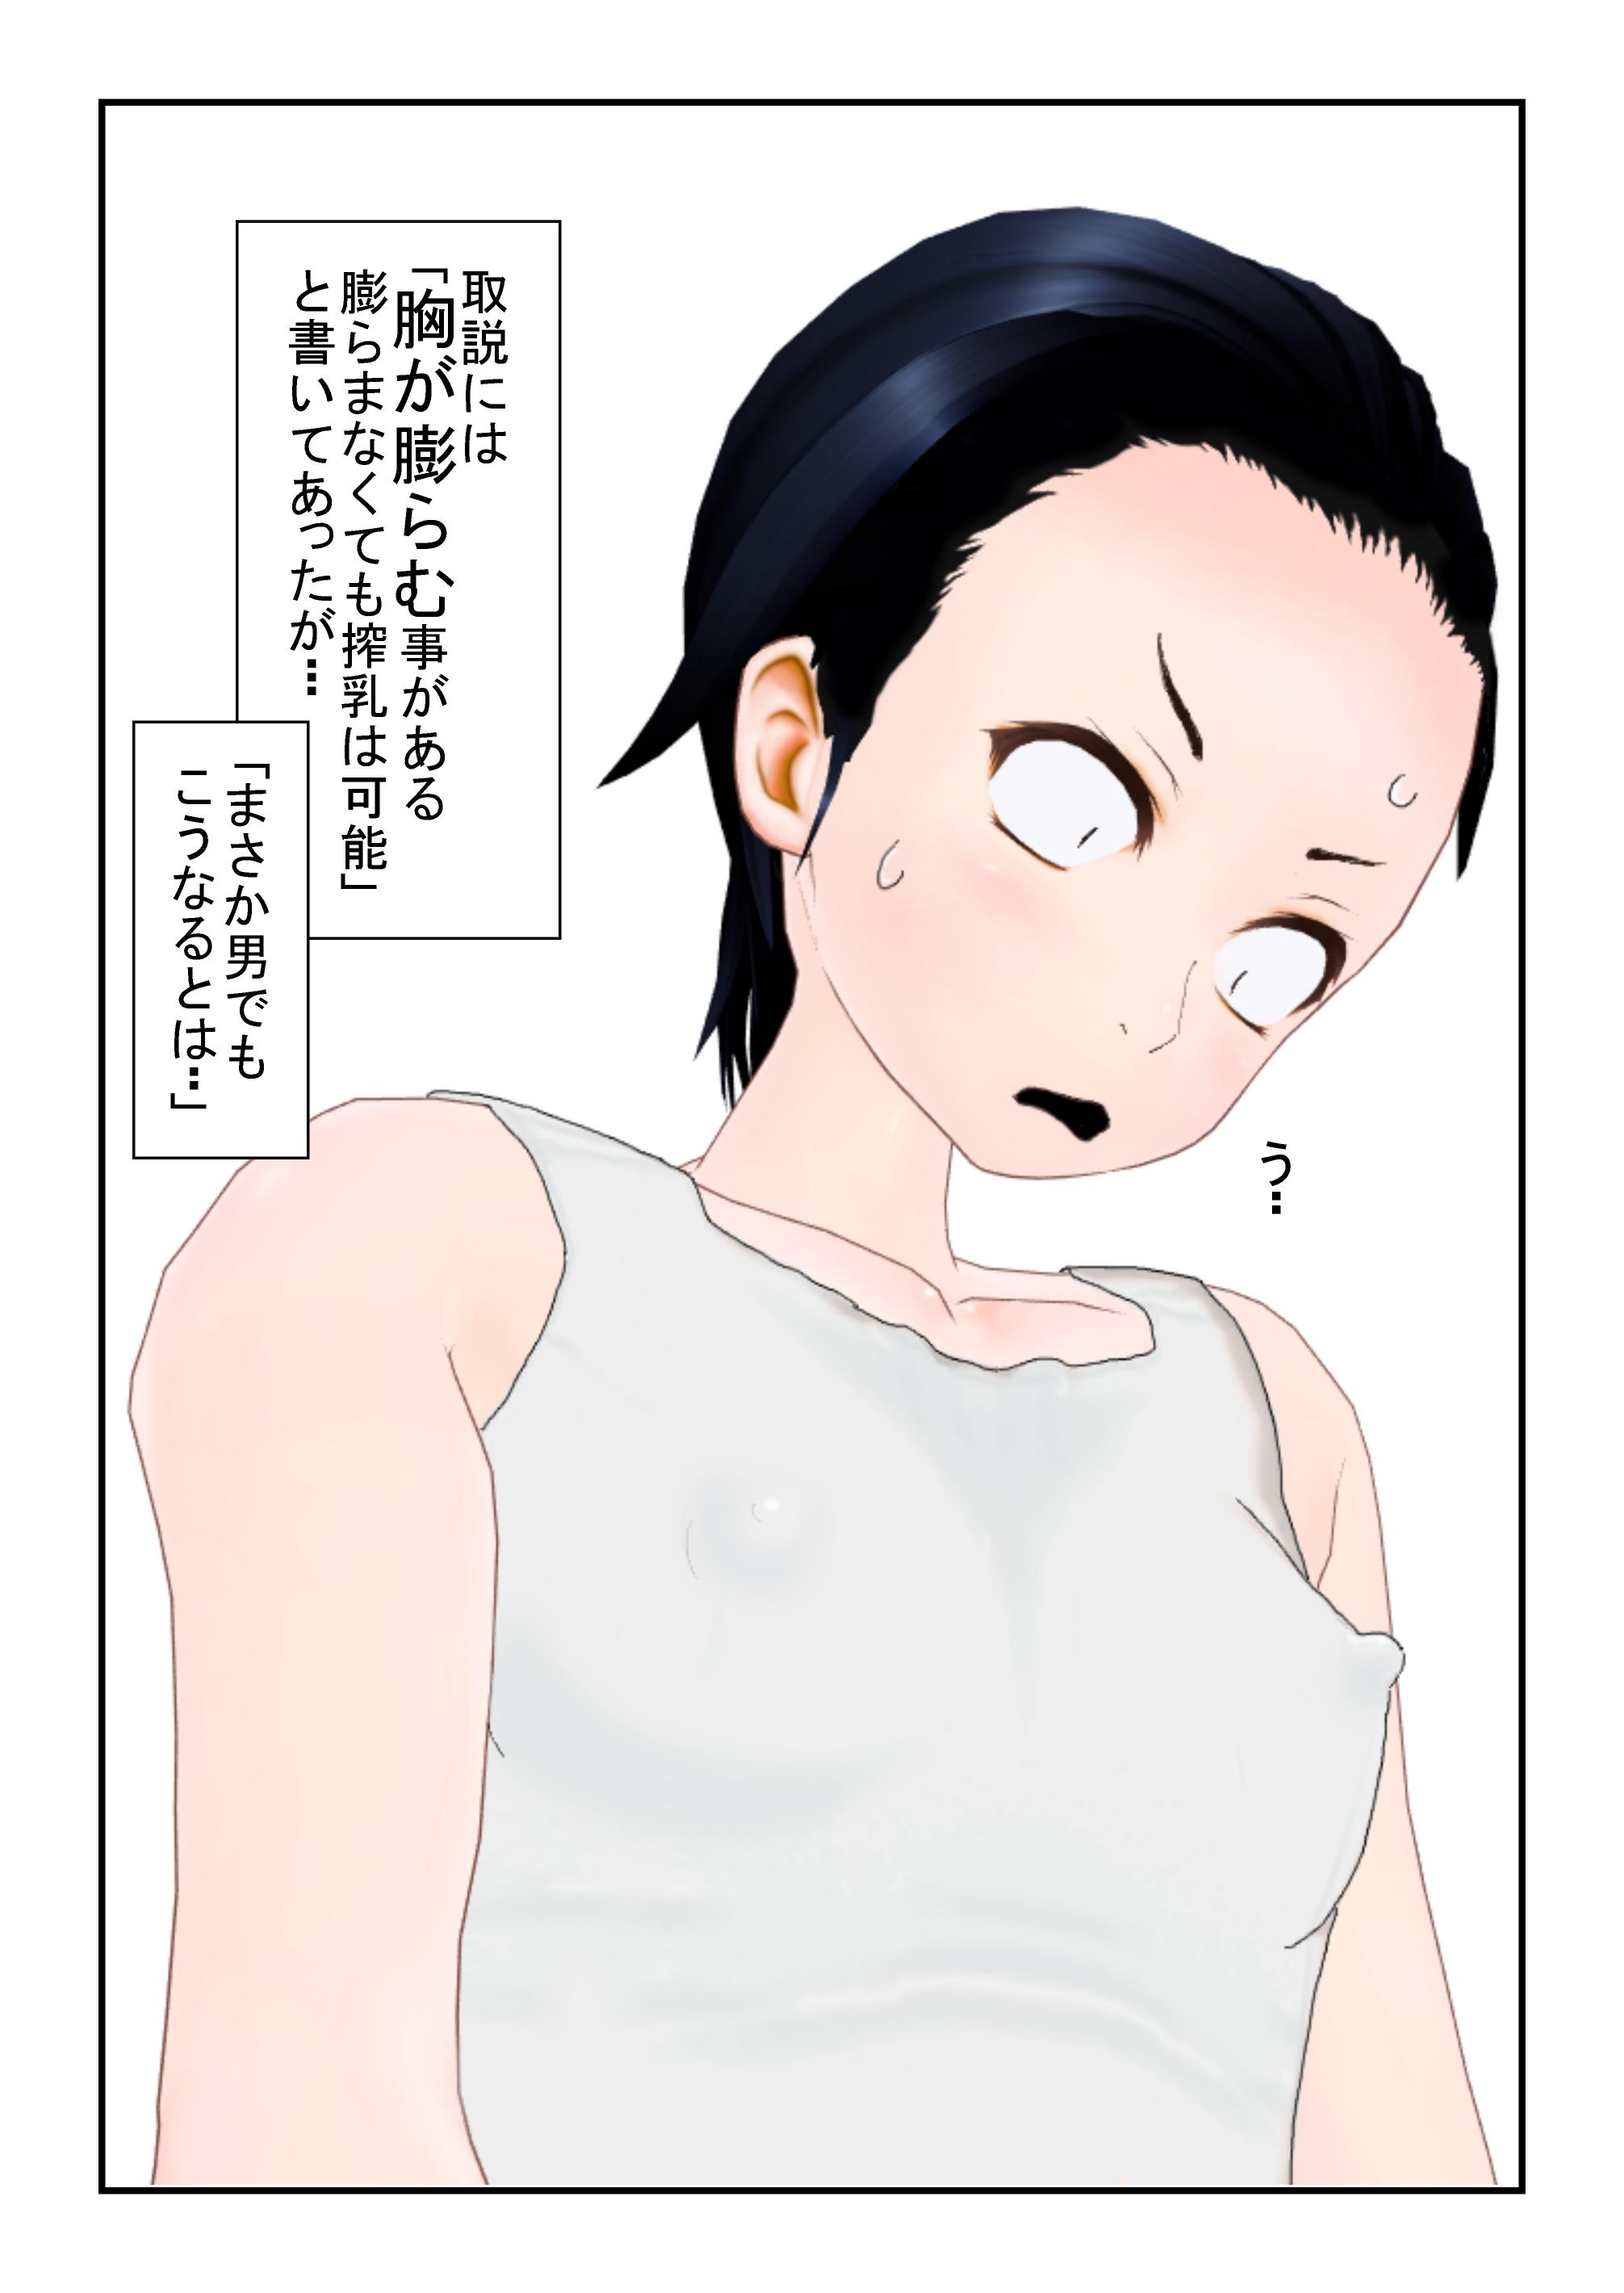 gyu_0002.jpg